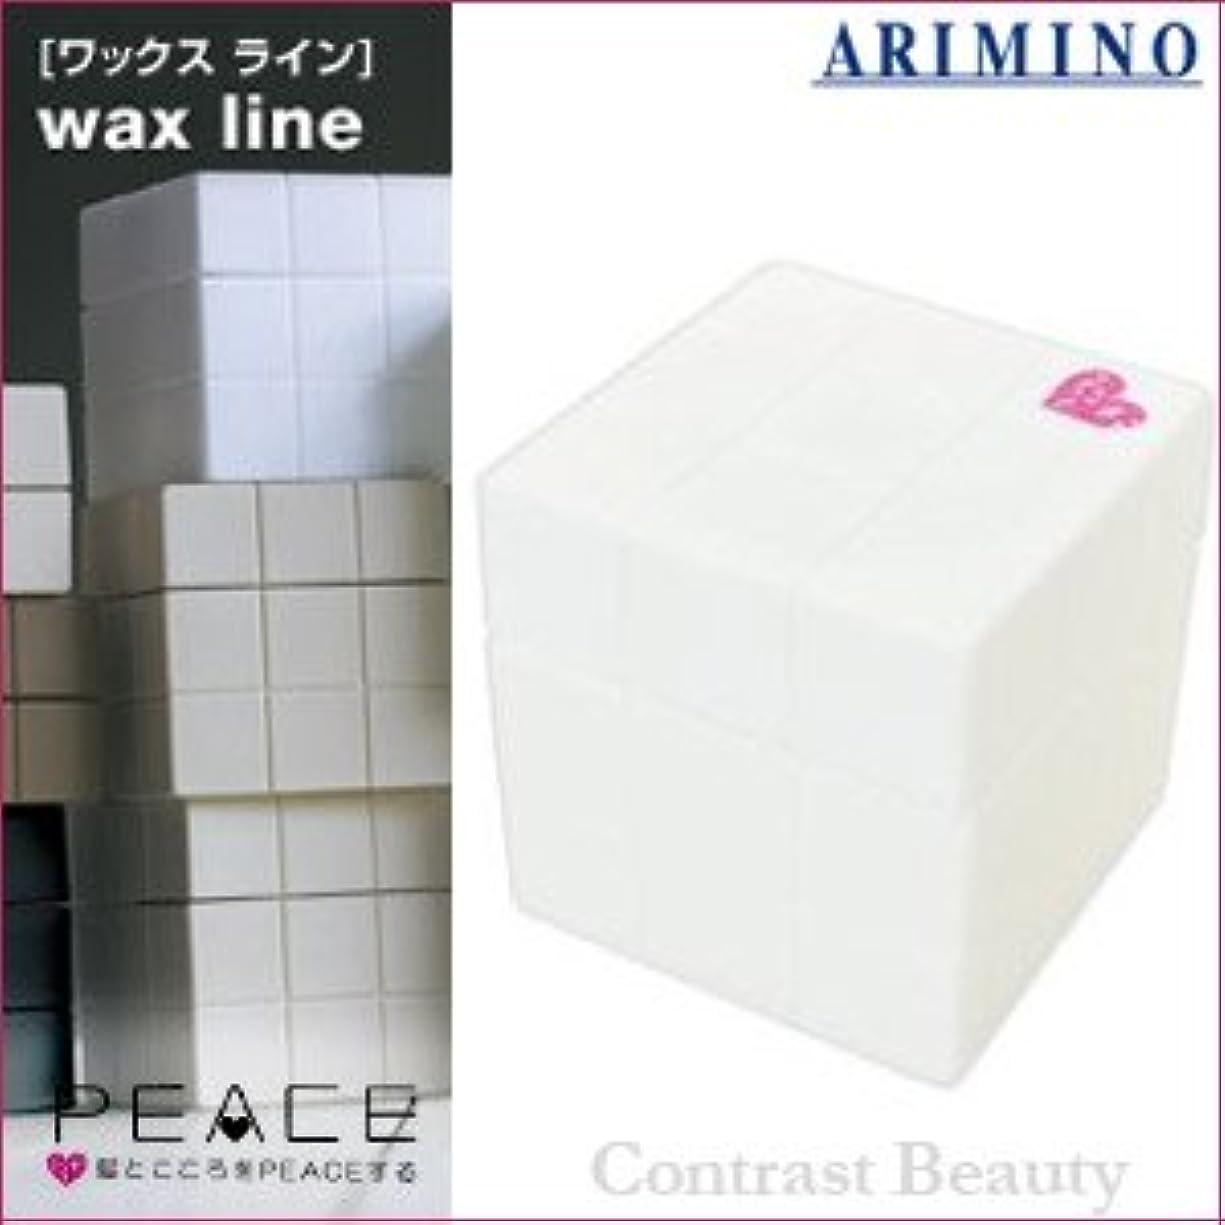 不適切なスクラッチ開梱【X5個セット】 アリミノ ピース プロデザインシリーズ グロスワックス ホワイト 80g ARIMINO